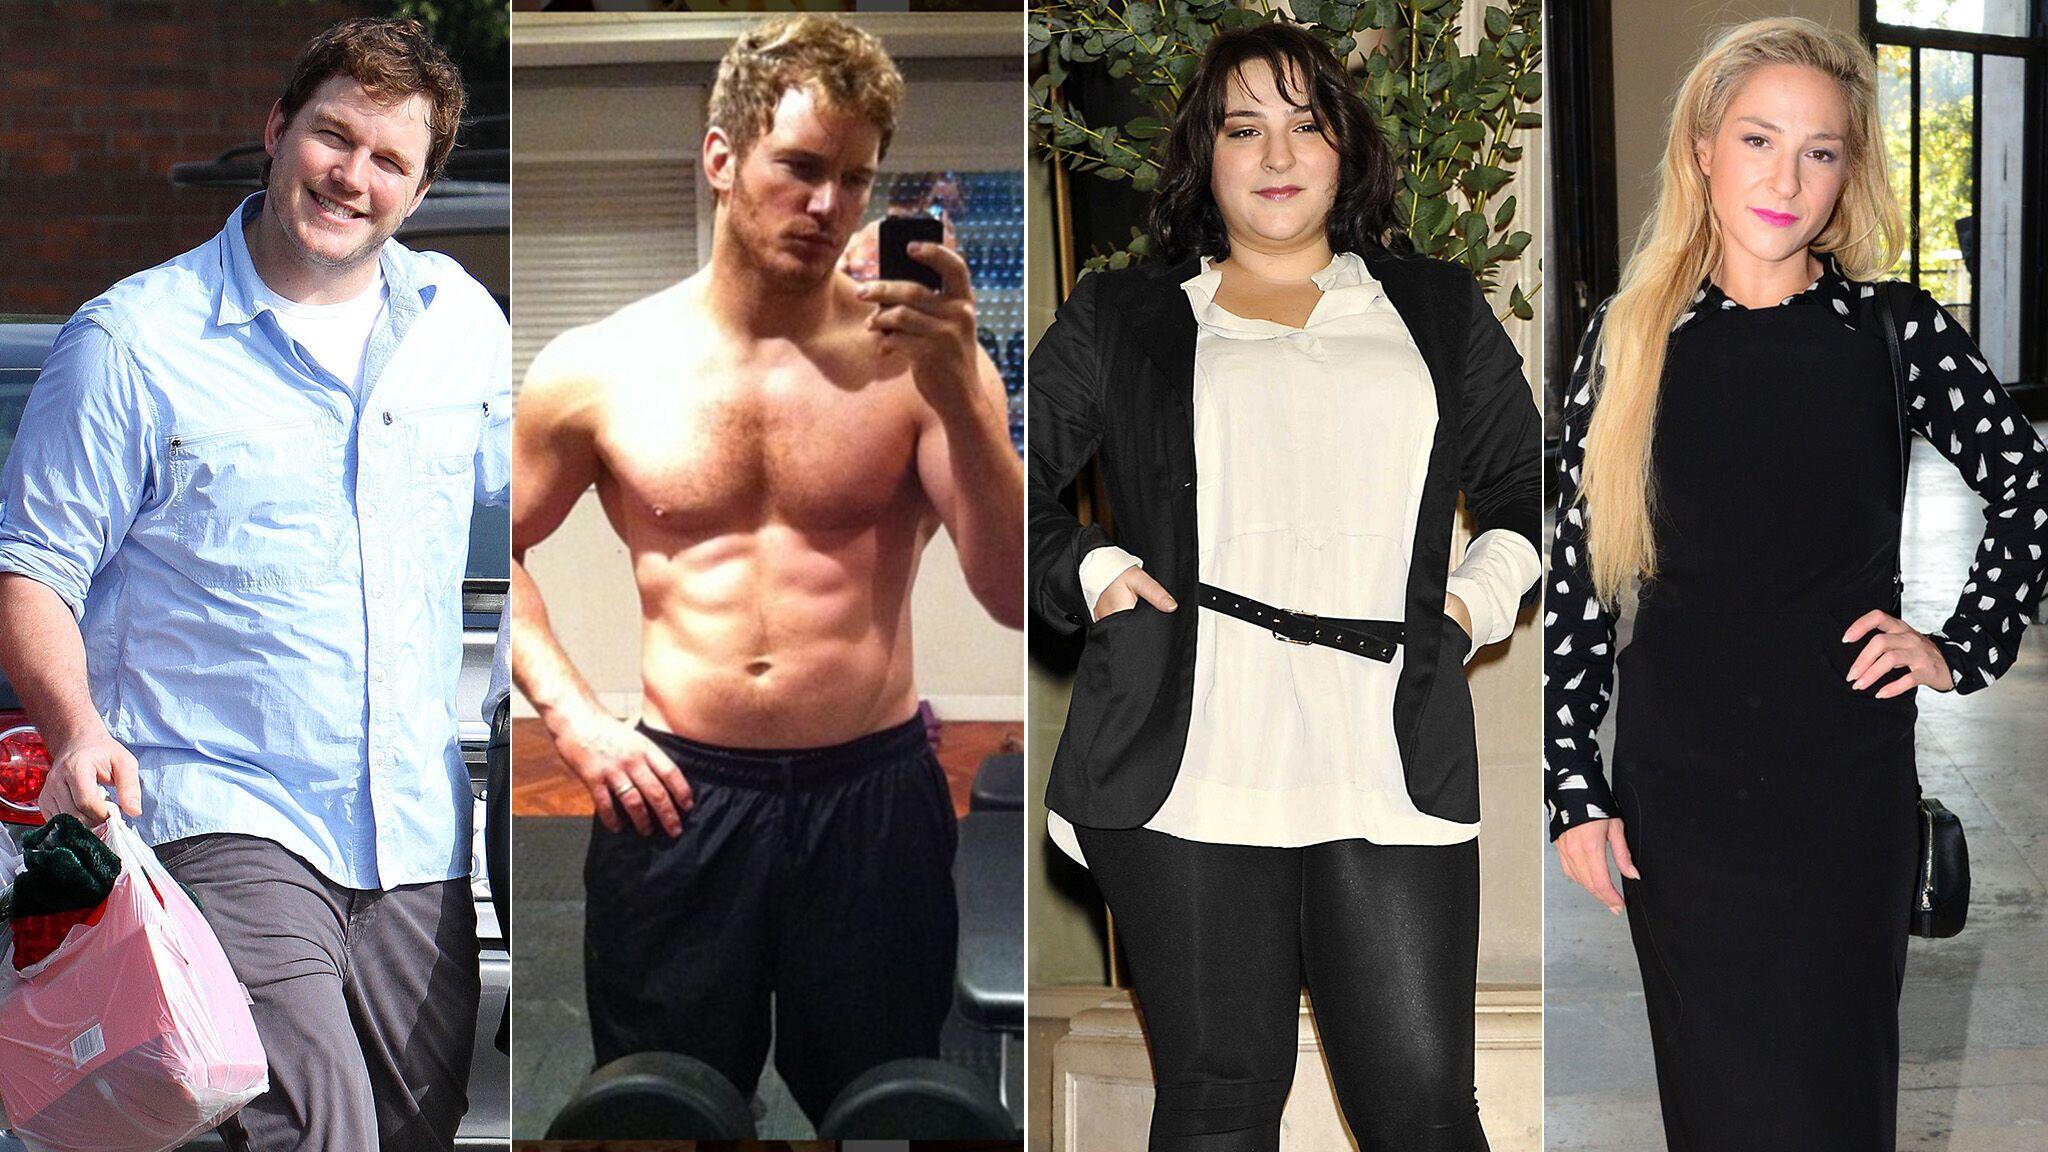 Gestion de la perte de poids à 32 lundis critiques de perte de poids oz